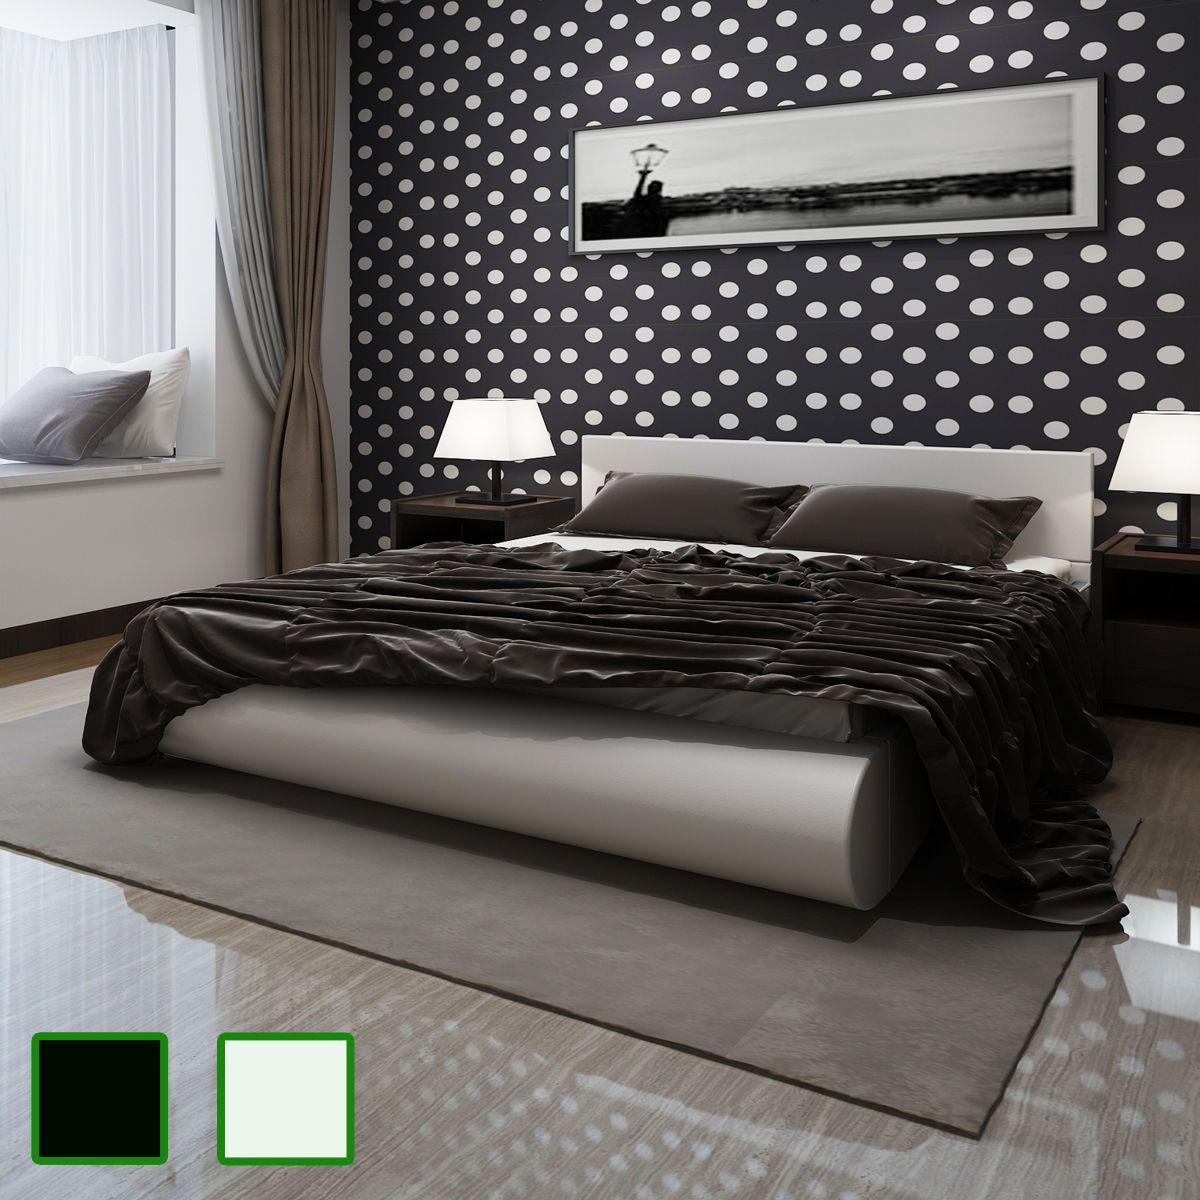 Details zu Polsterbett Lattenrahmen Kunstlederbett Bett Bettrahmen ...